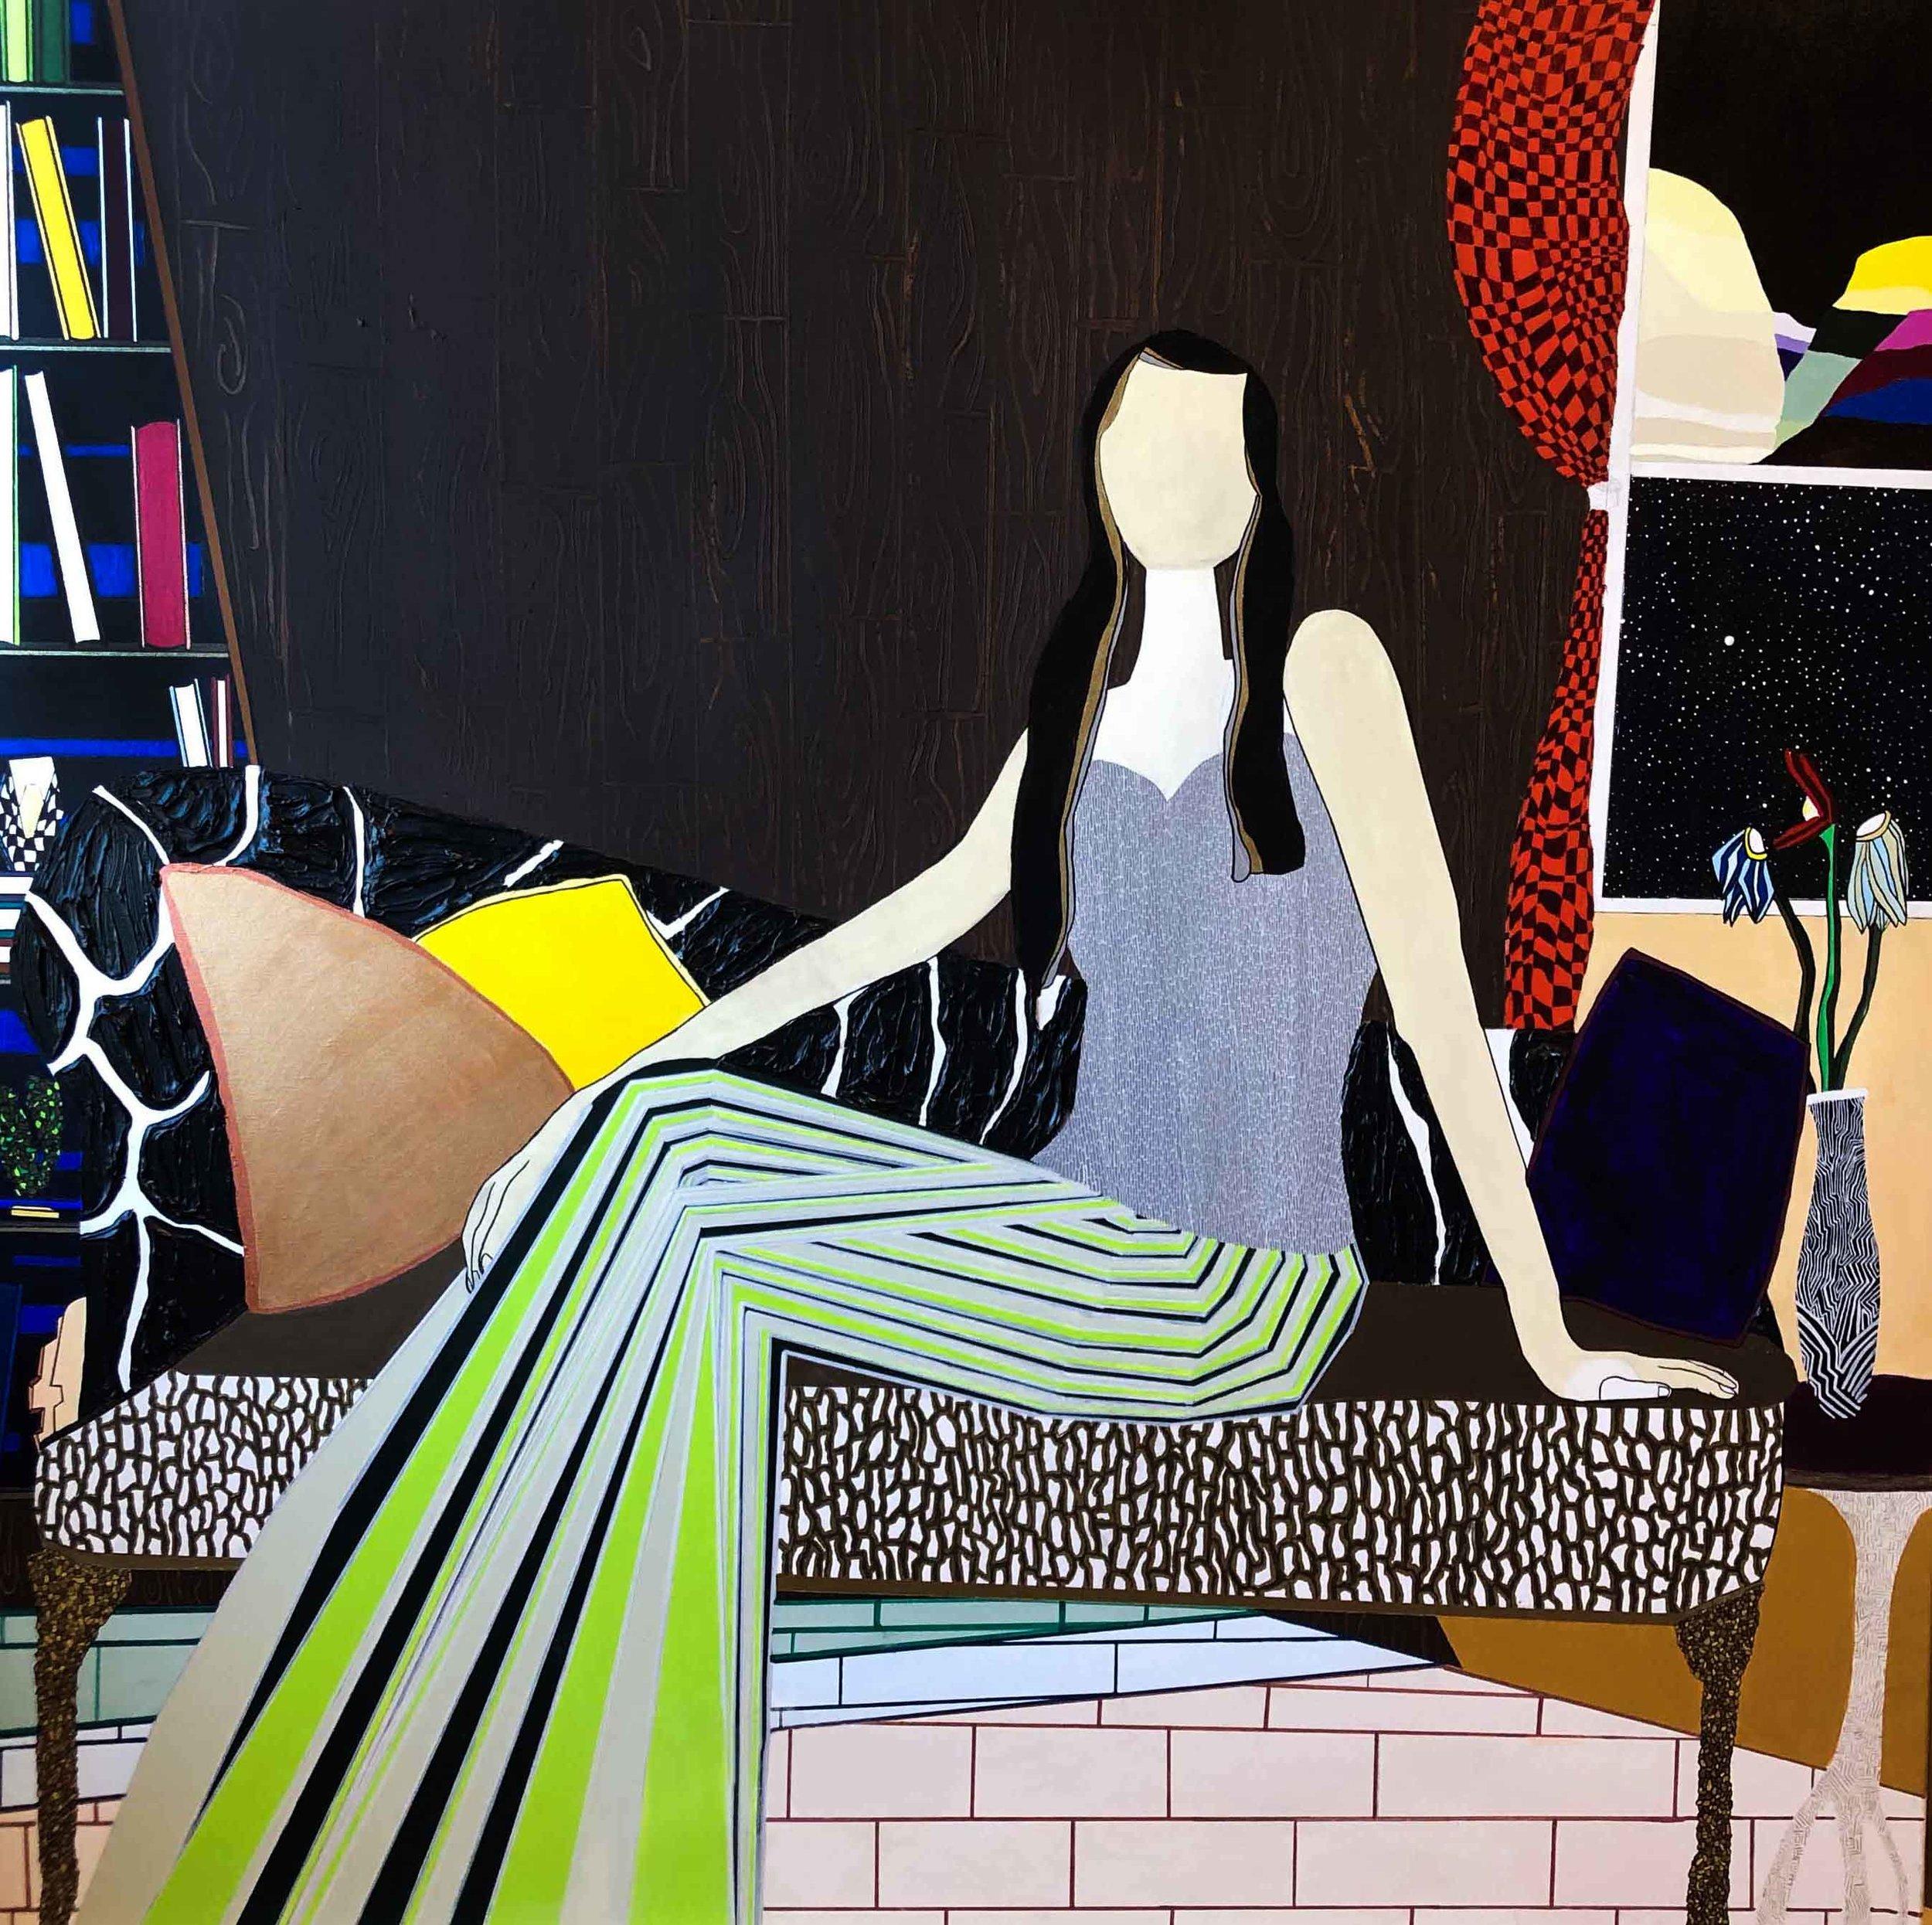 Kim Arrow Febuary 2019 Painting - Kimberly Aronow.jpg